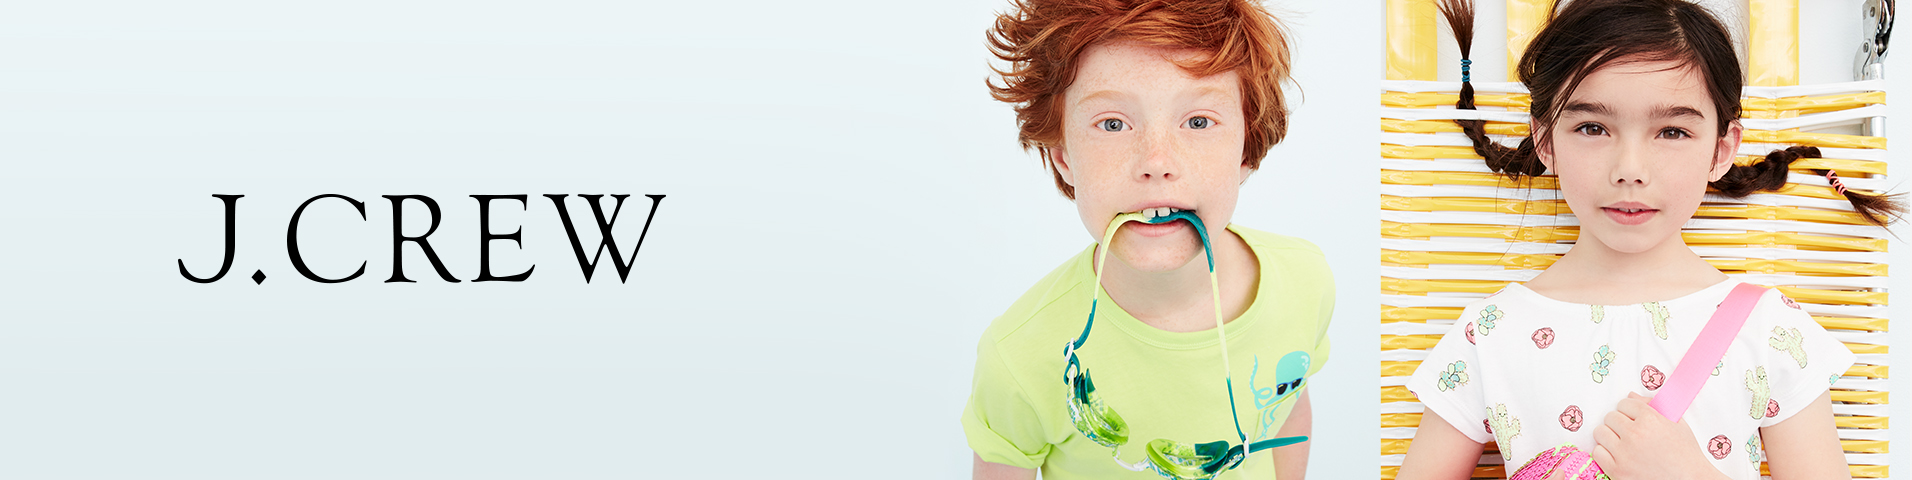 J.CREW Byxor & jeans | Barn | Köp barnbyxor online på Zalando.se